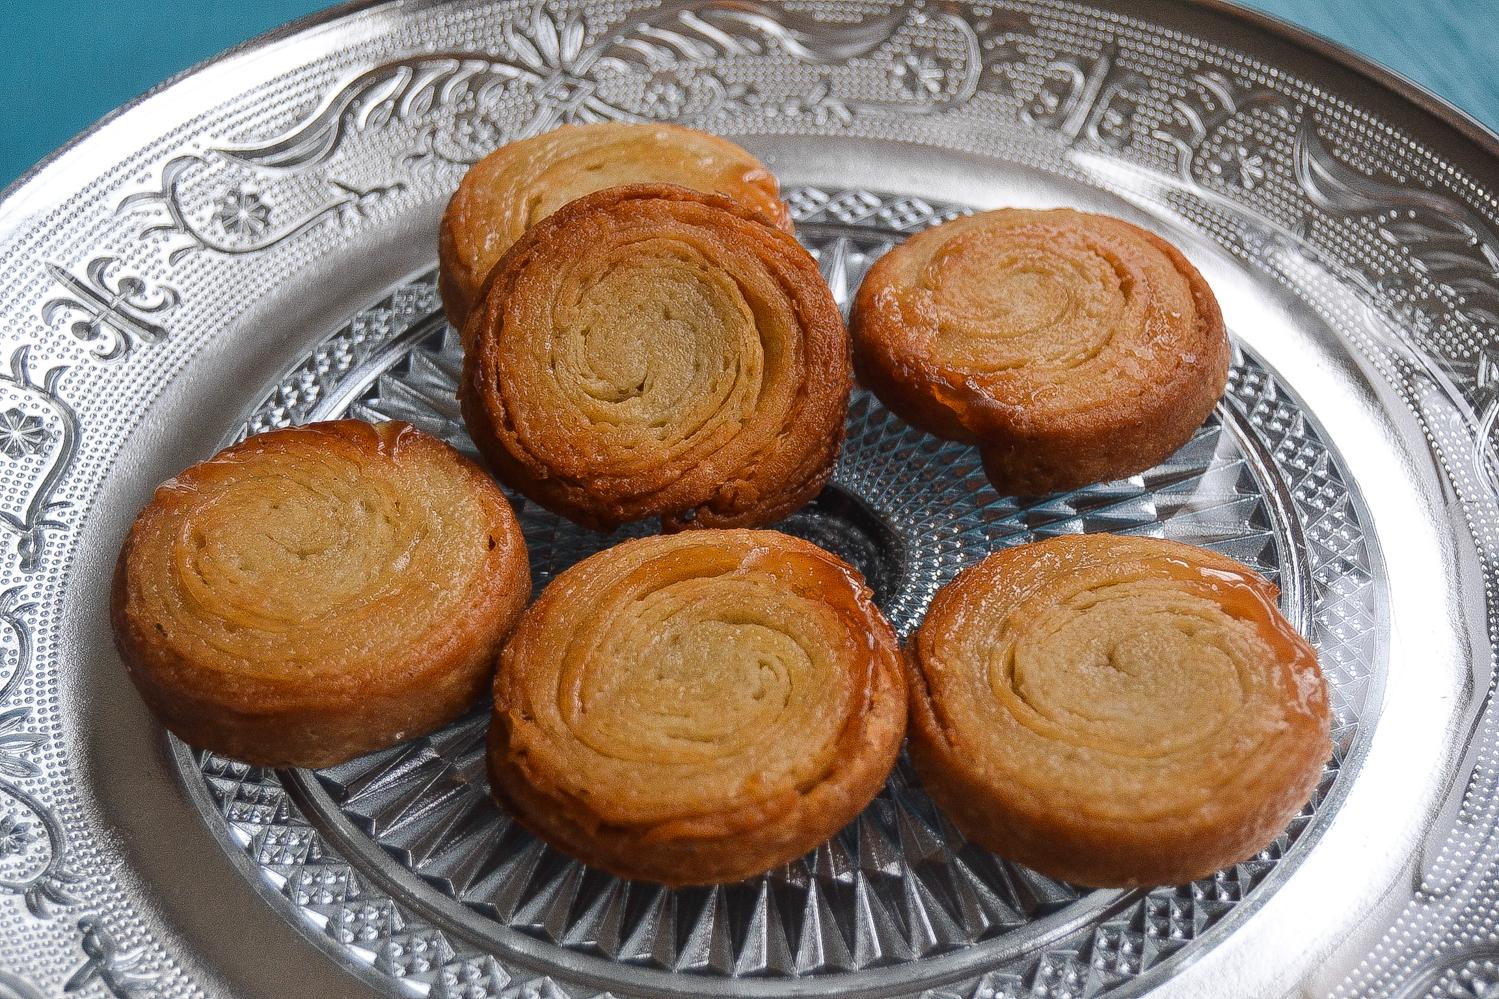 gâteaux bretons caramel au beurre salé